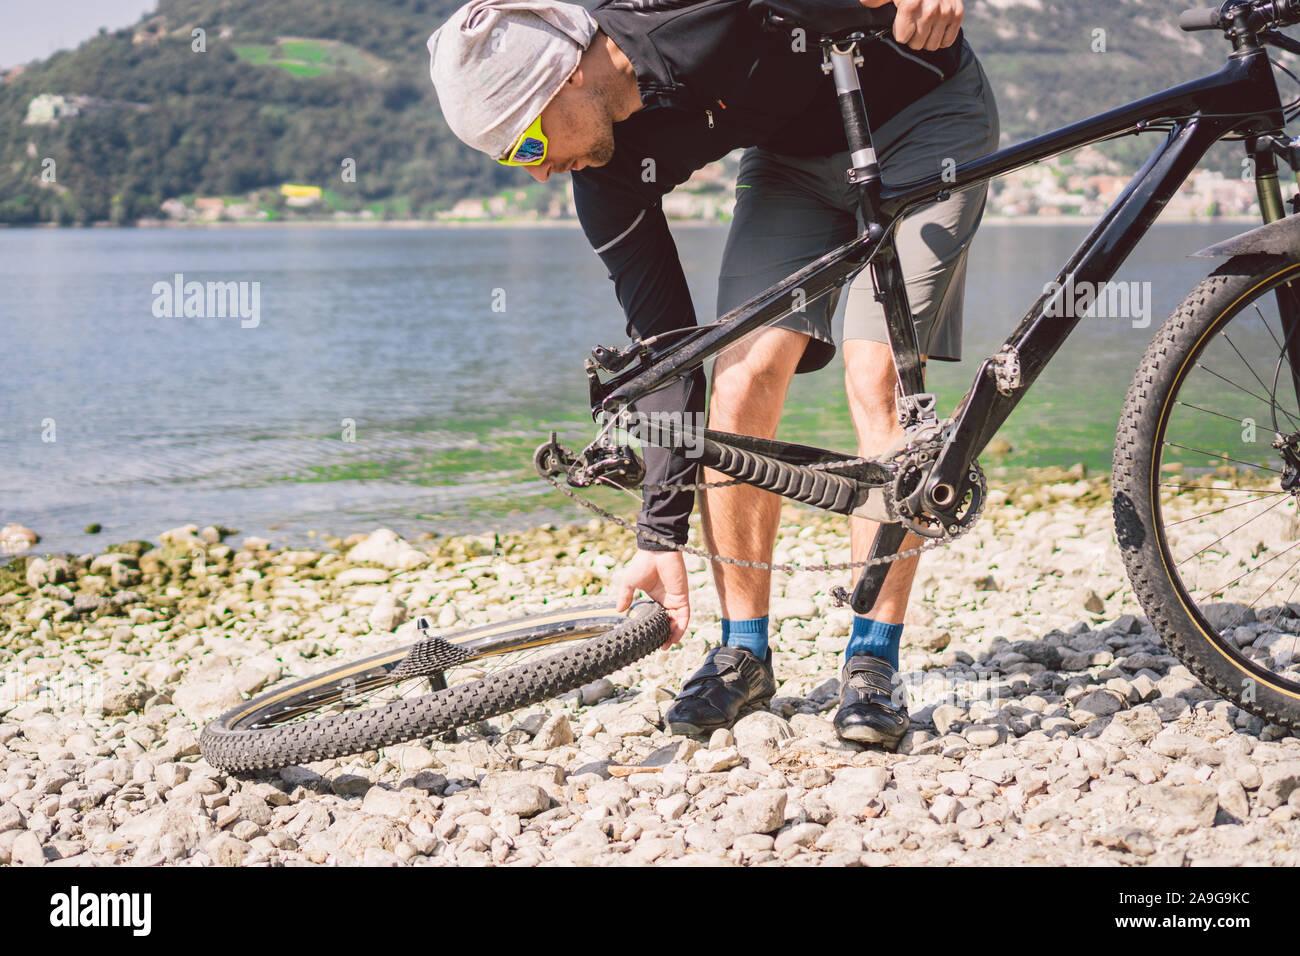 Reparación de bicicletas. Hombre reparando bicicletas de montaña. Ciclista hombre en apuros de rueda trasera caso de accidente. Hombre bicicleta fija cerca del lago en Italia antecedentes Foto de stock